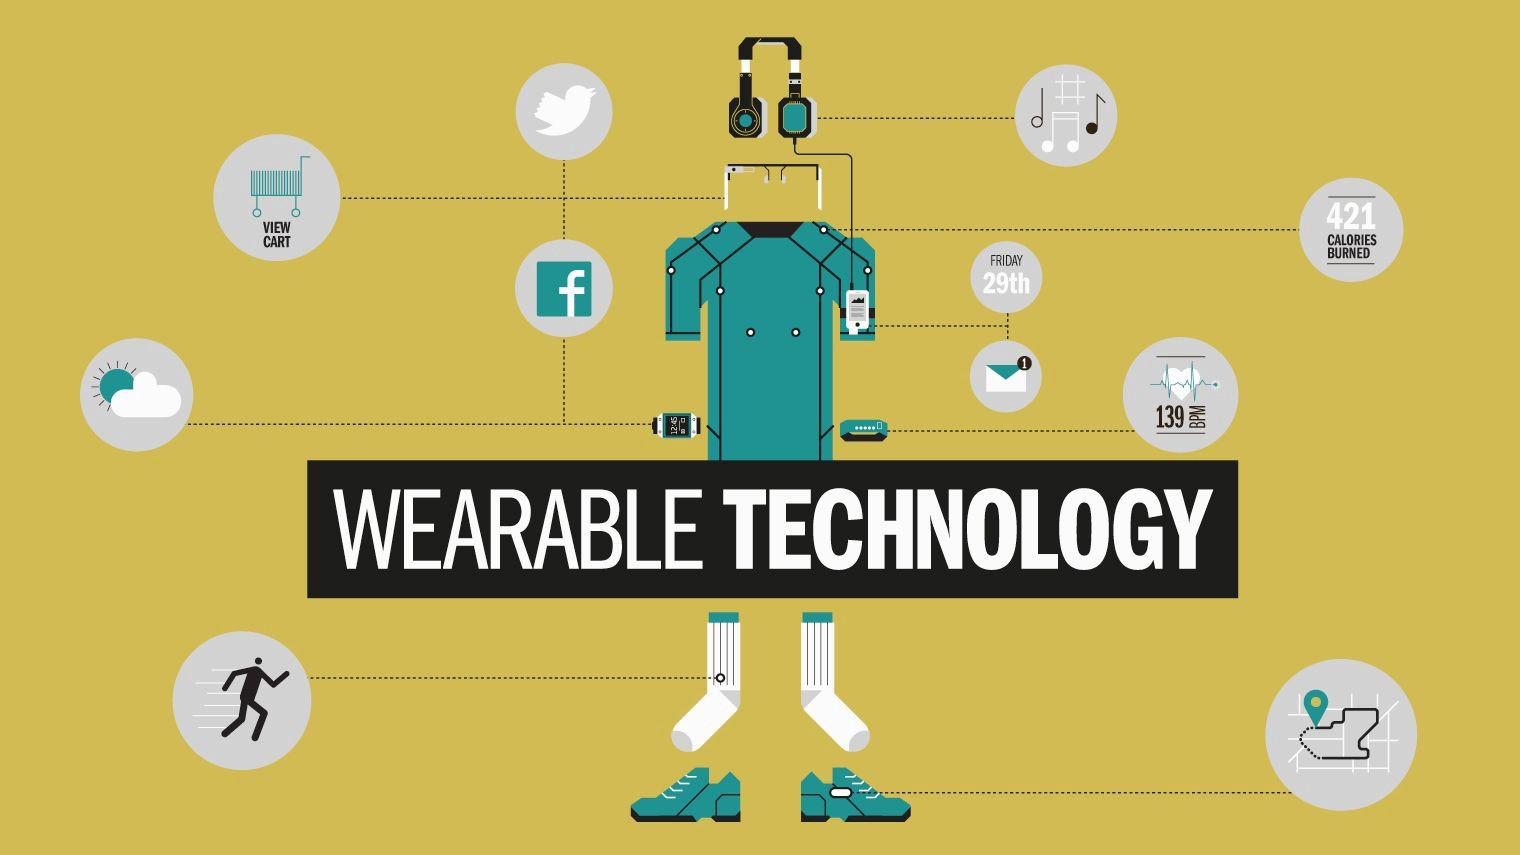 wearable-tech-saiba-o-que-e-e-como-podera-impactar-sua-estrategia-de-marketing.jpeg